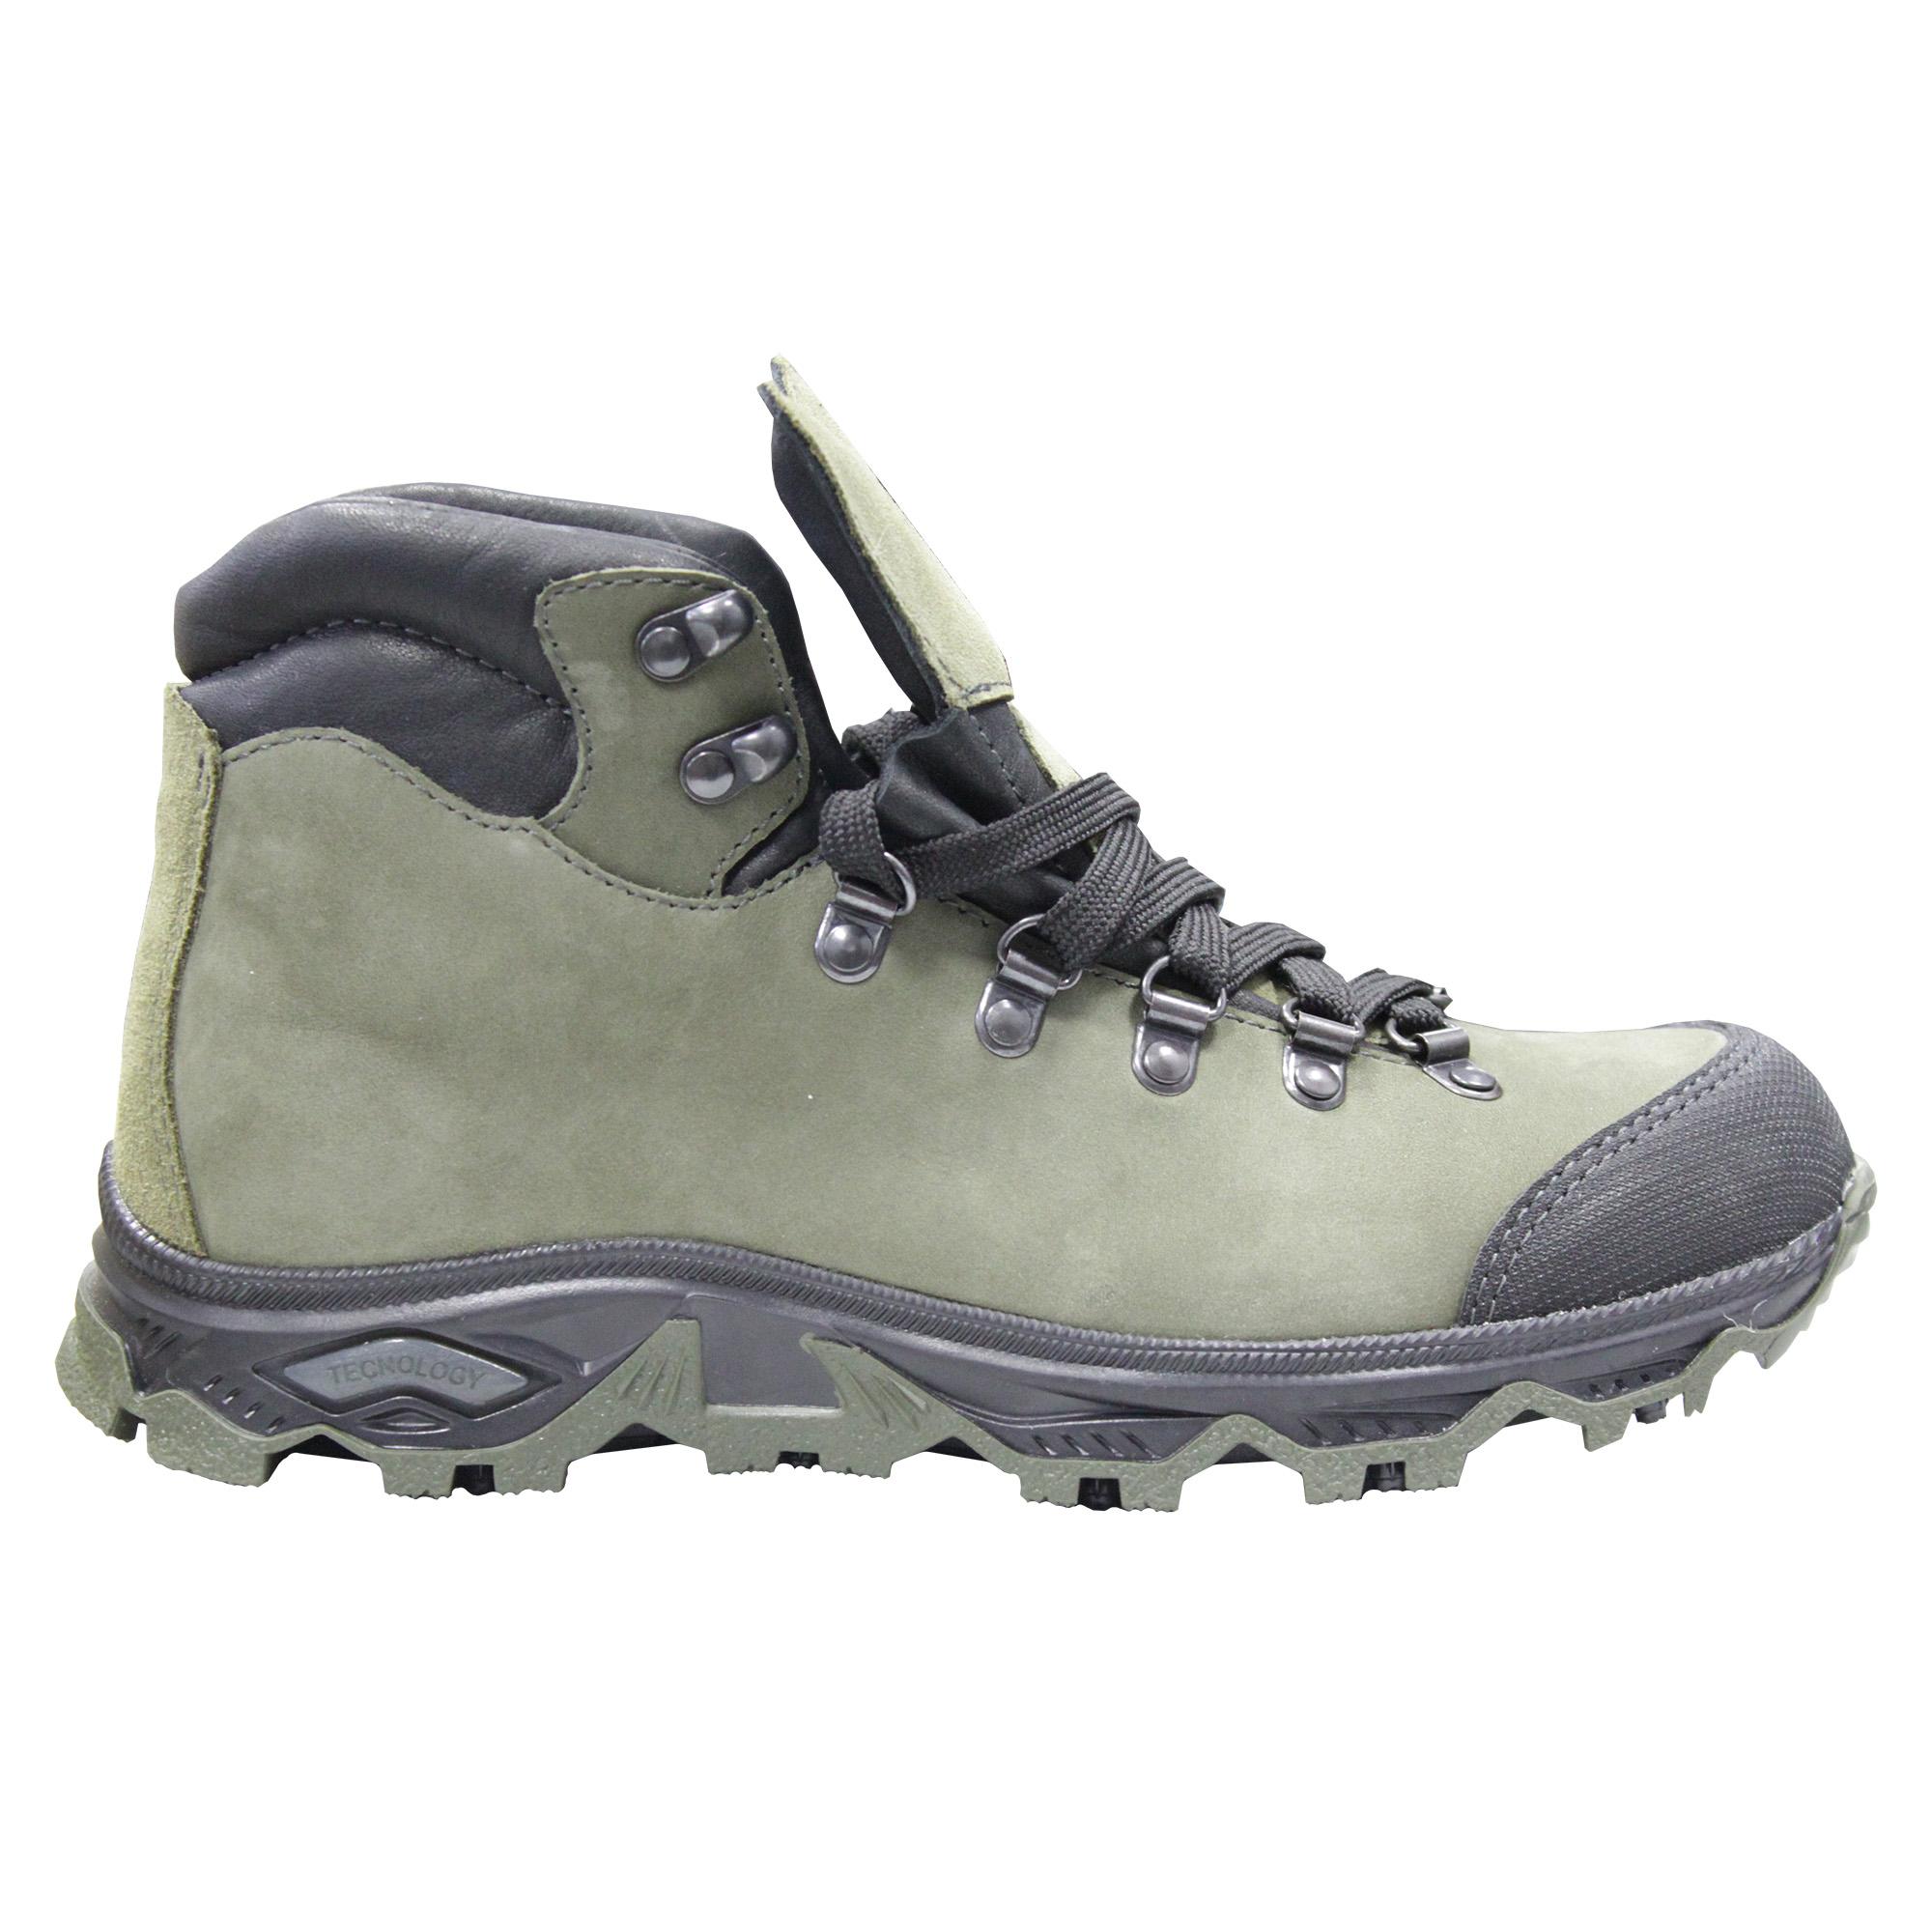 Купить Ботинки TREK Fiord10 (шерст.мех), Обувная фабрика Trek